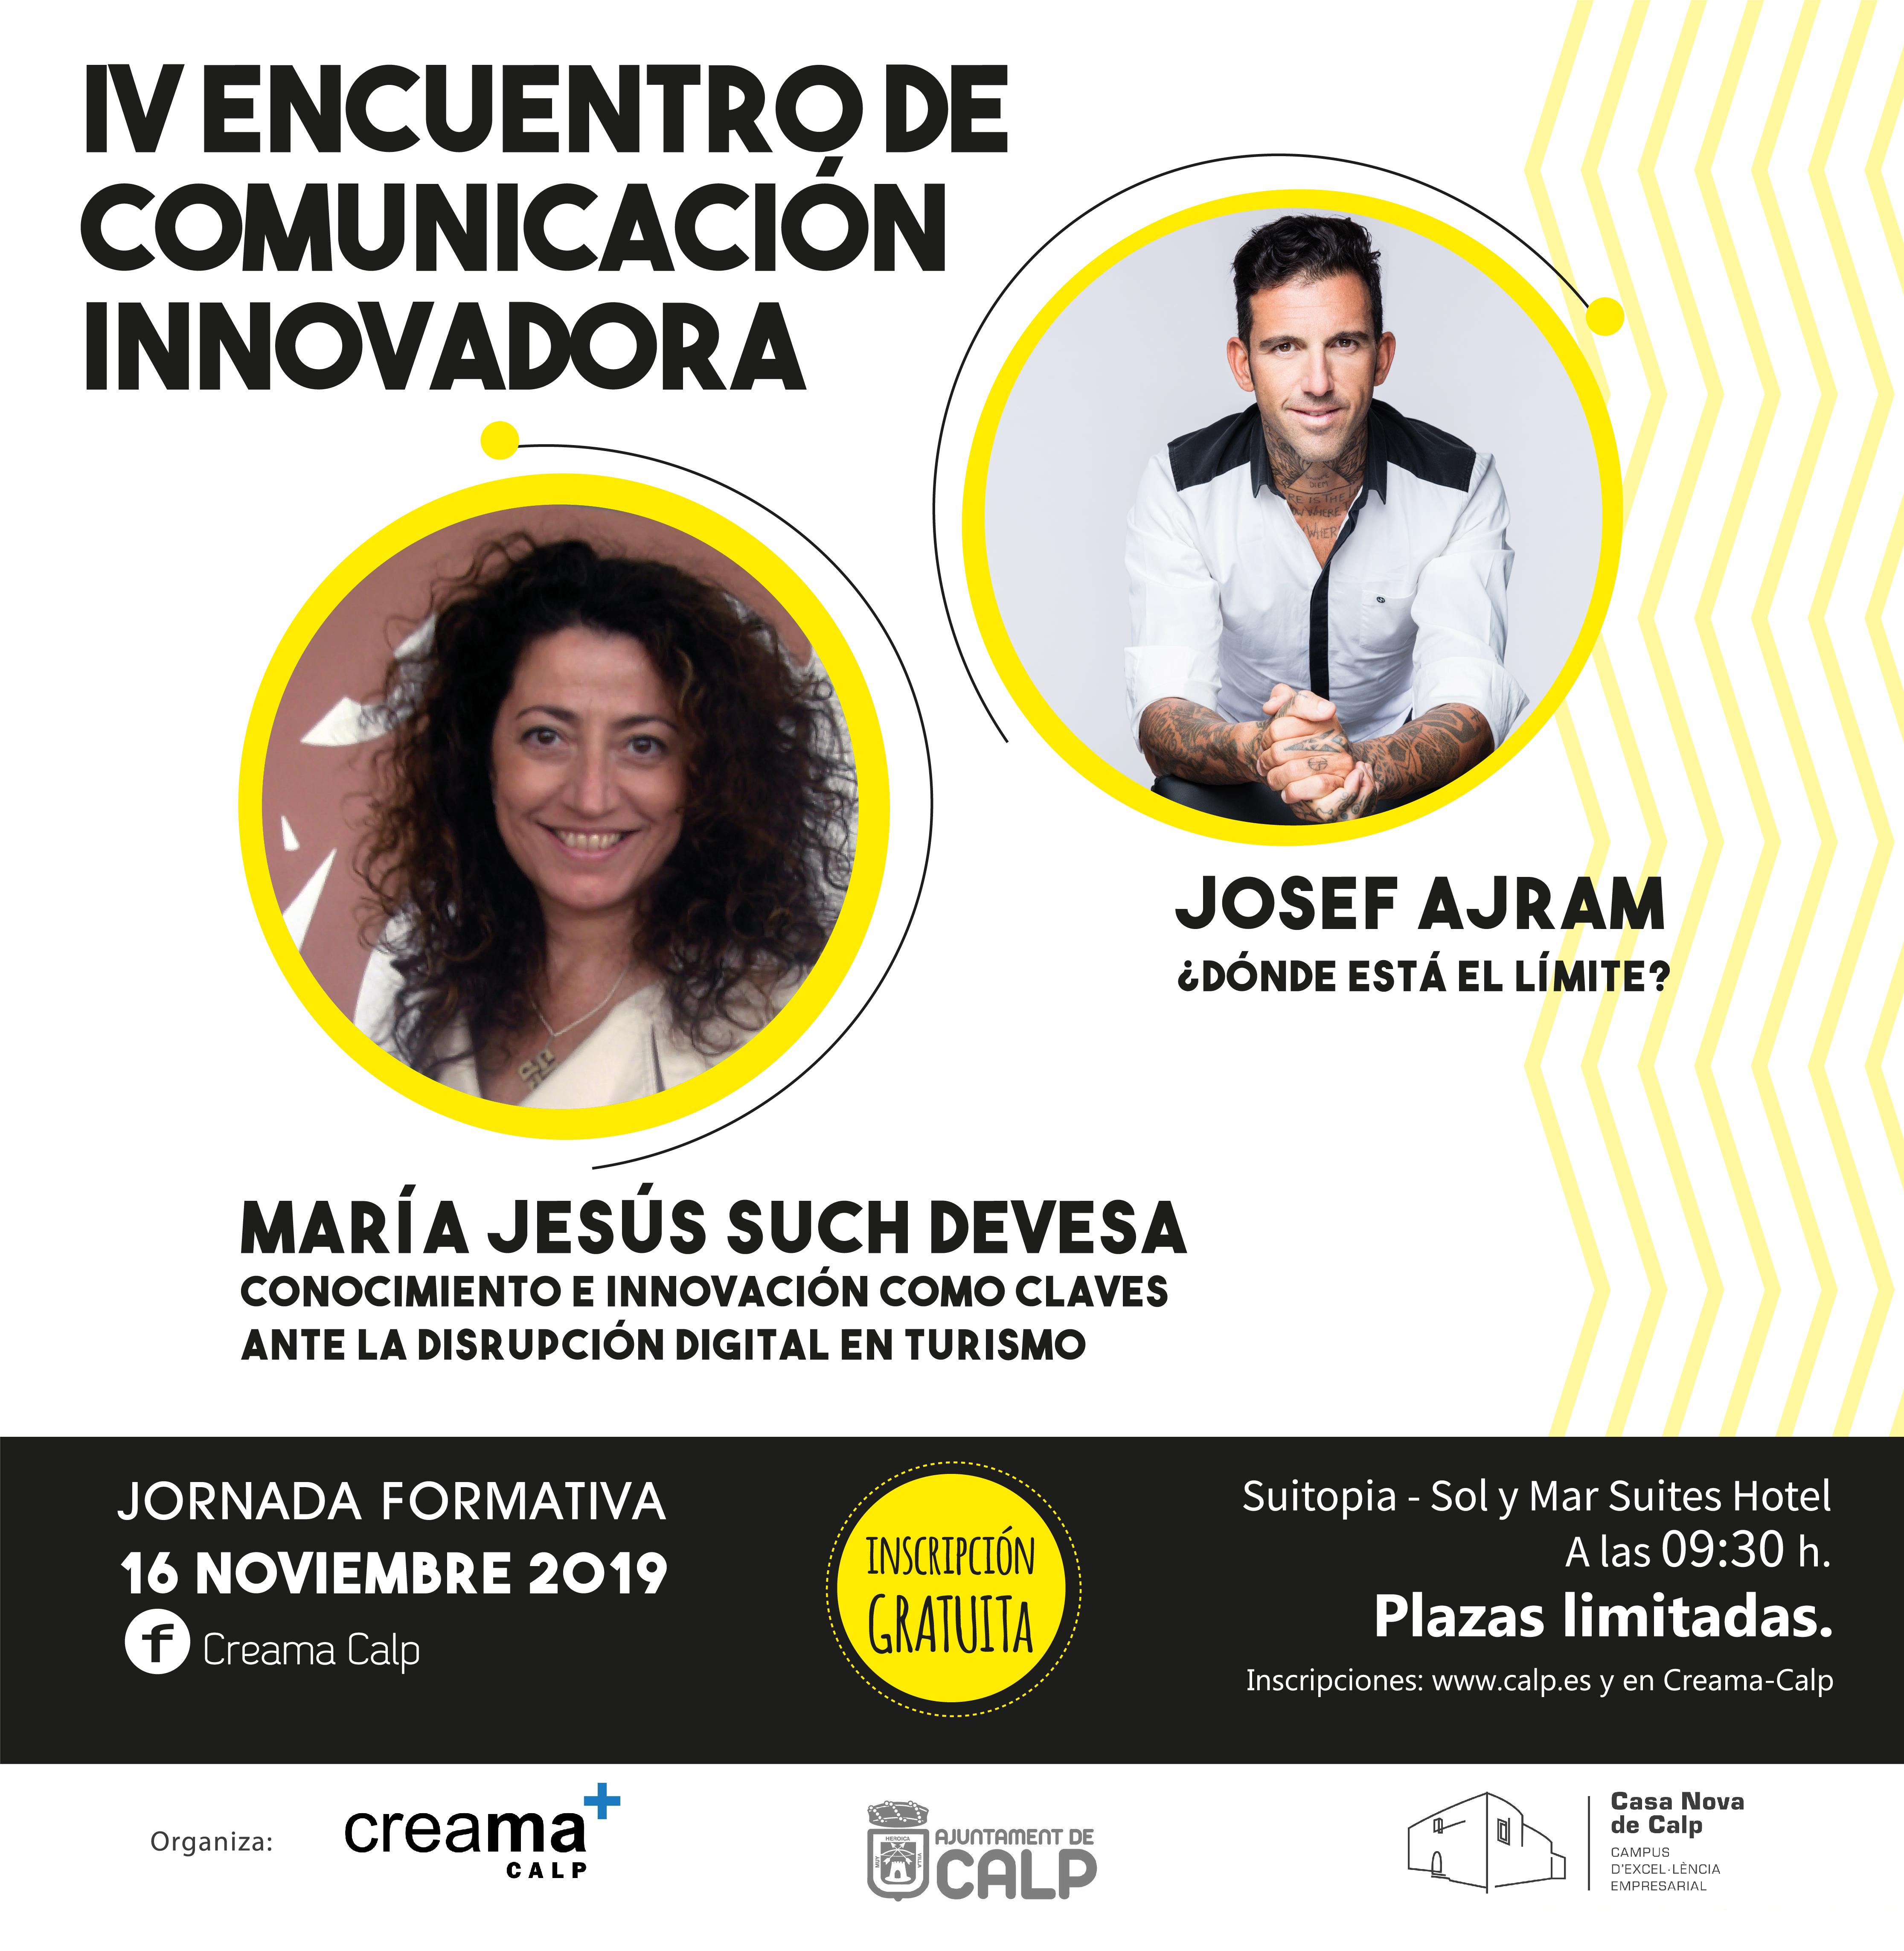 IV Encuentro Comunicacion Innovadora.jpg